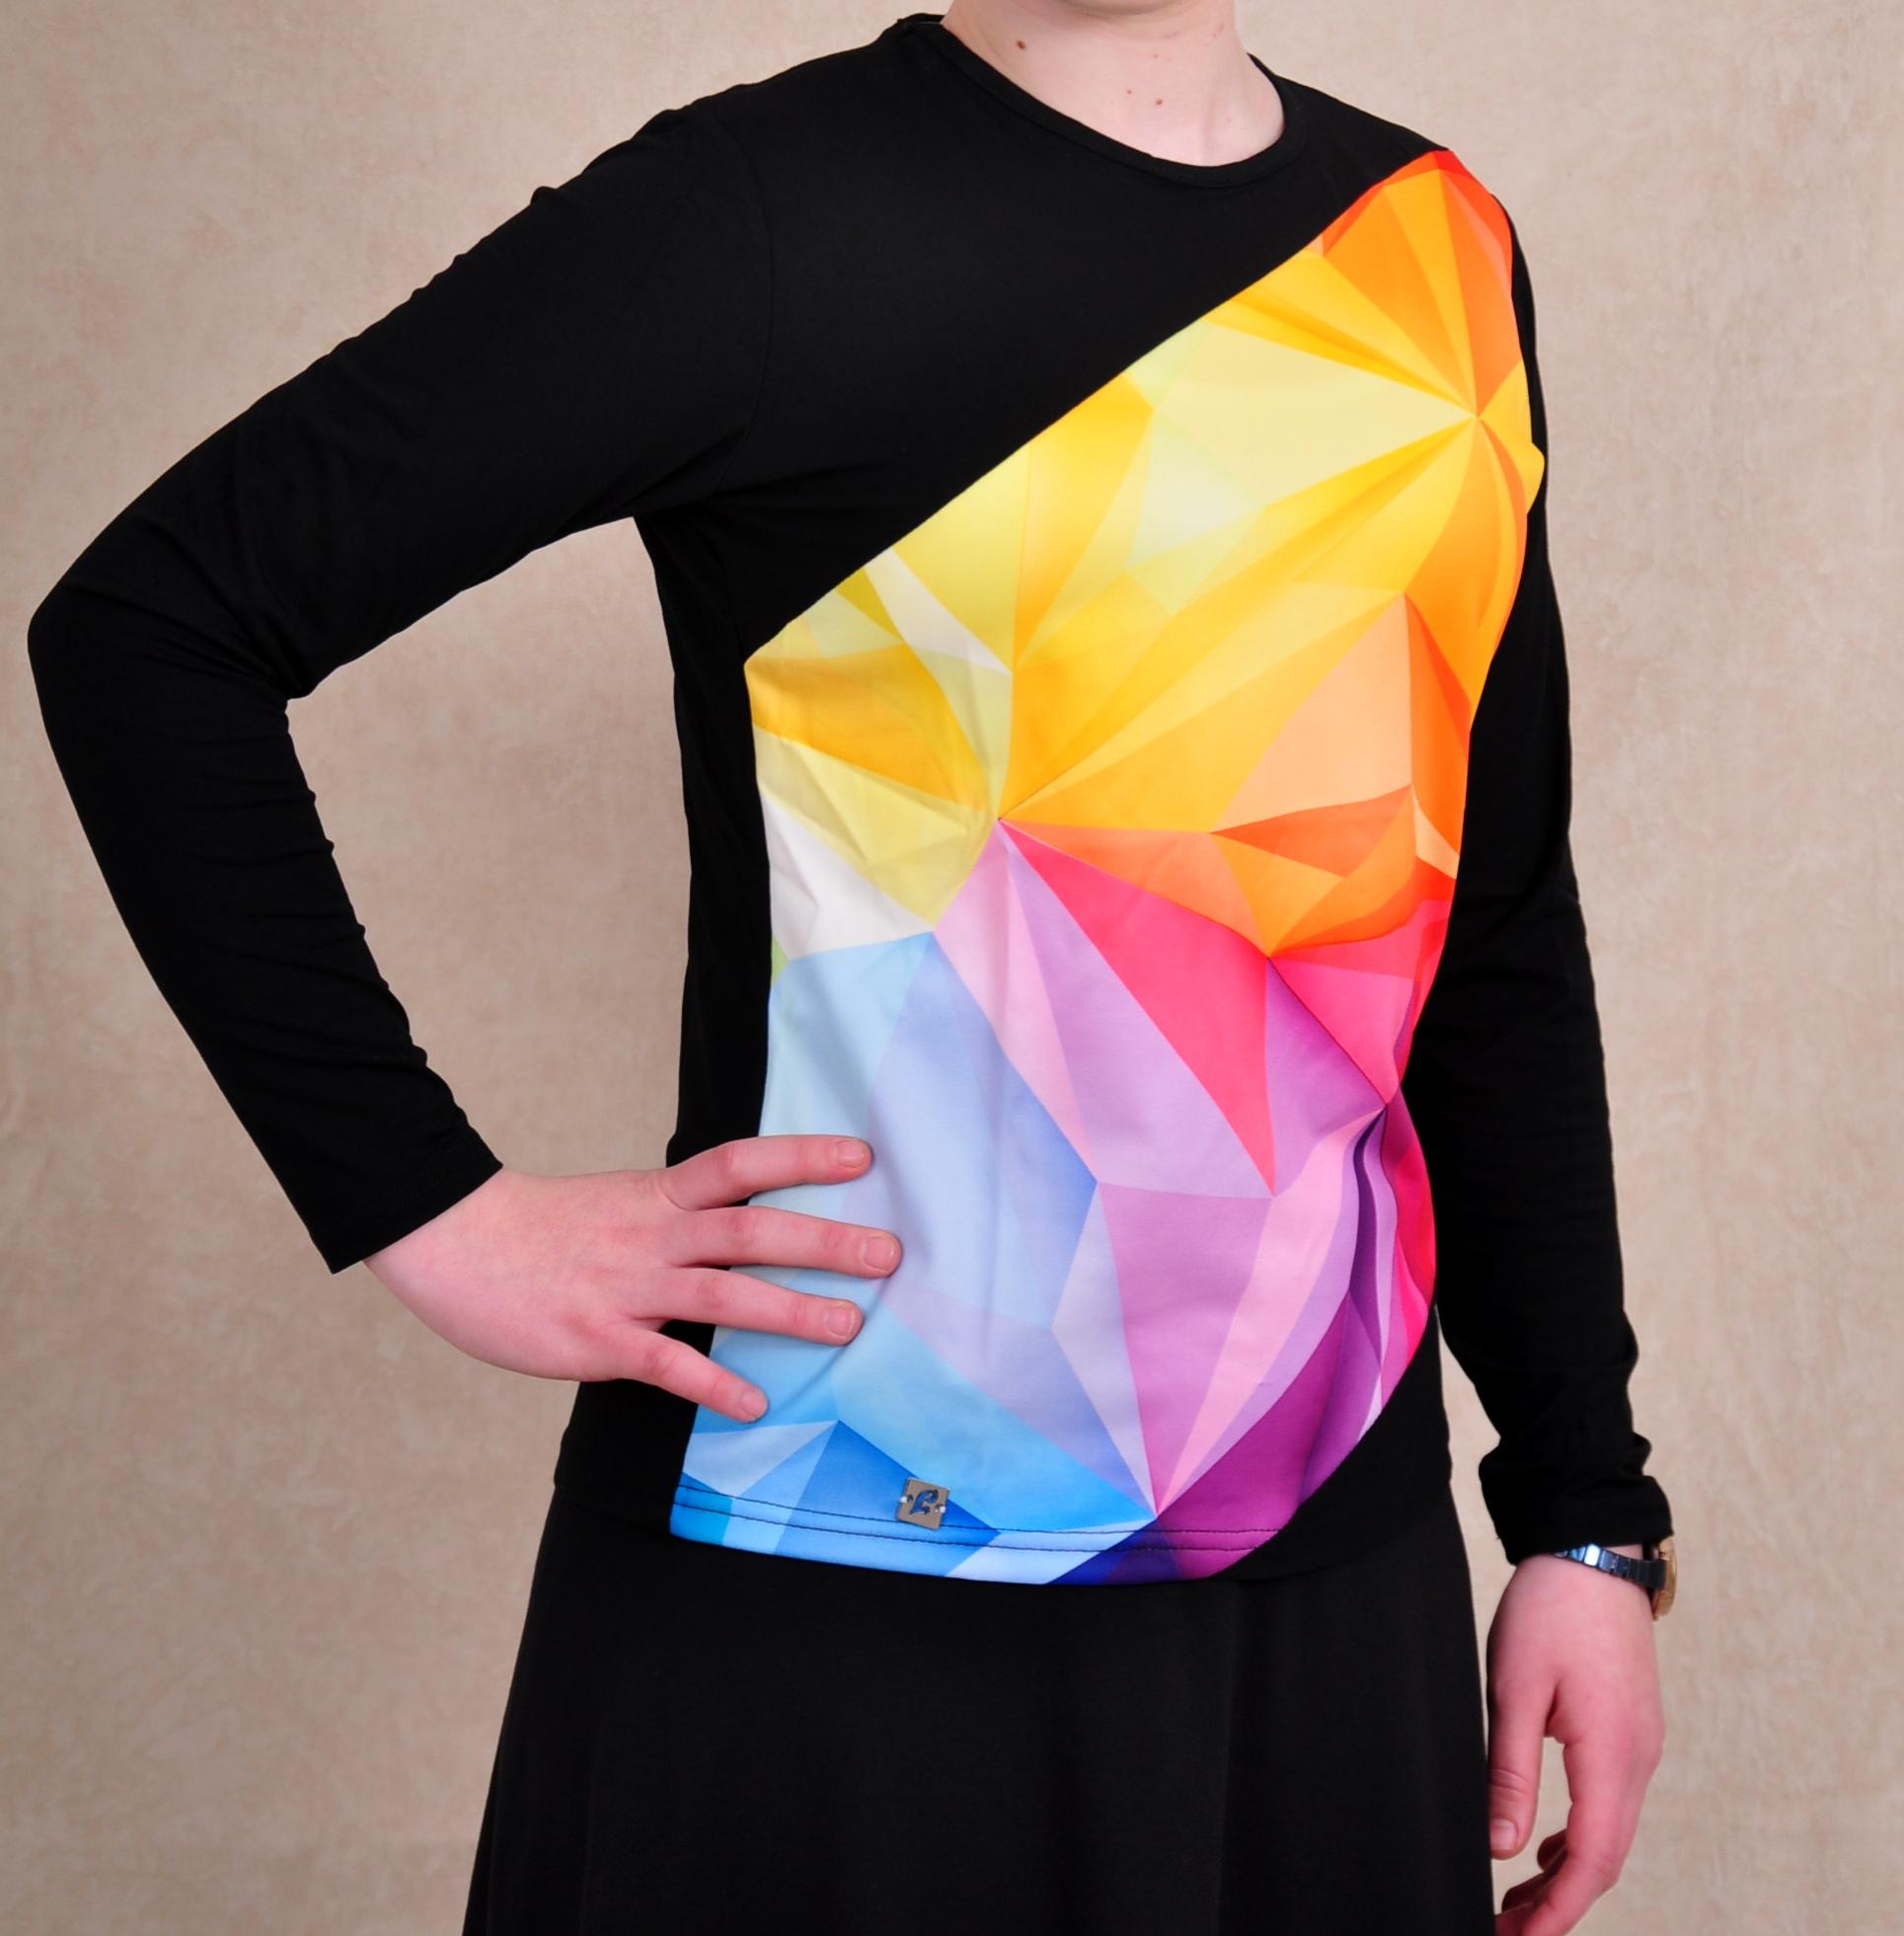 חולצת בית תלת ממד צבעוני חתוך אלכסוני